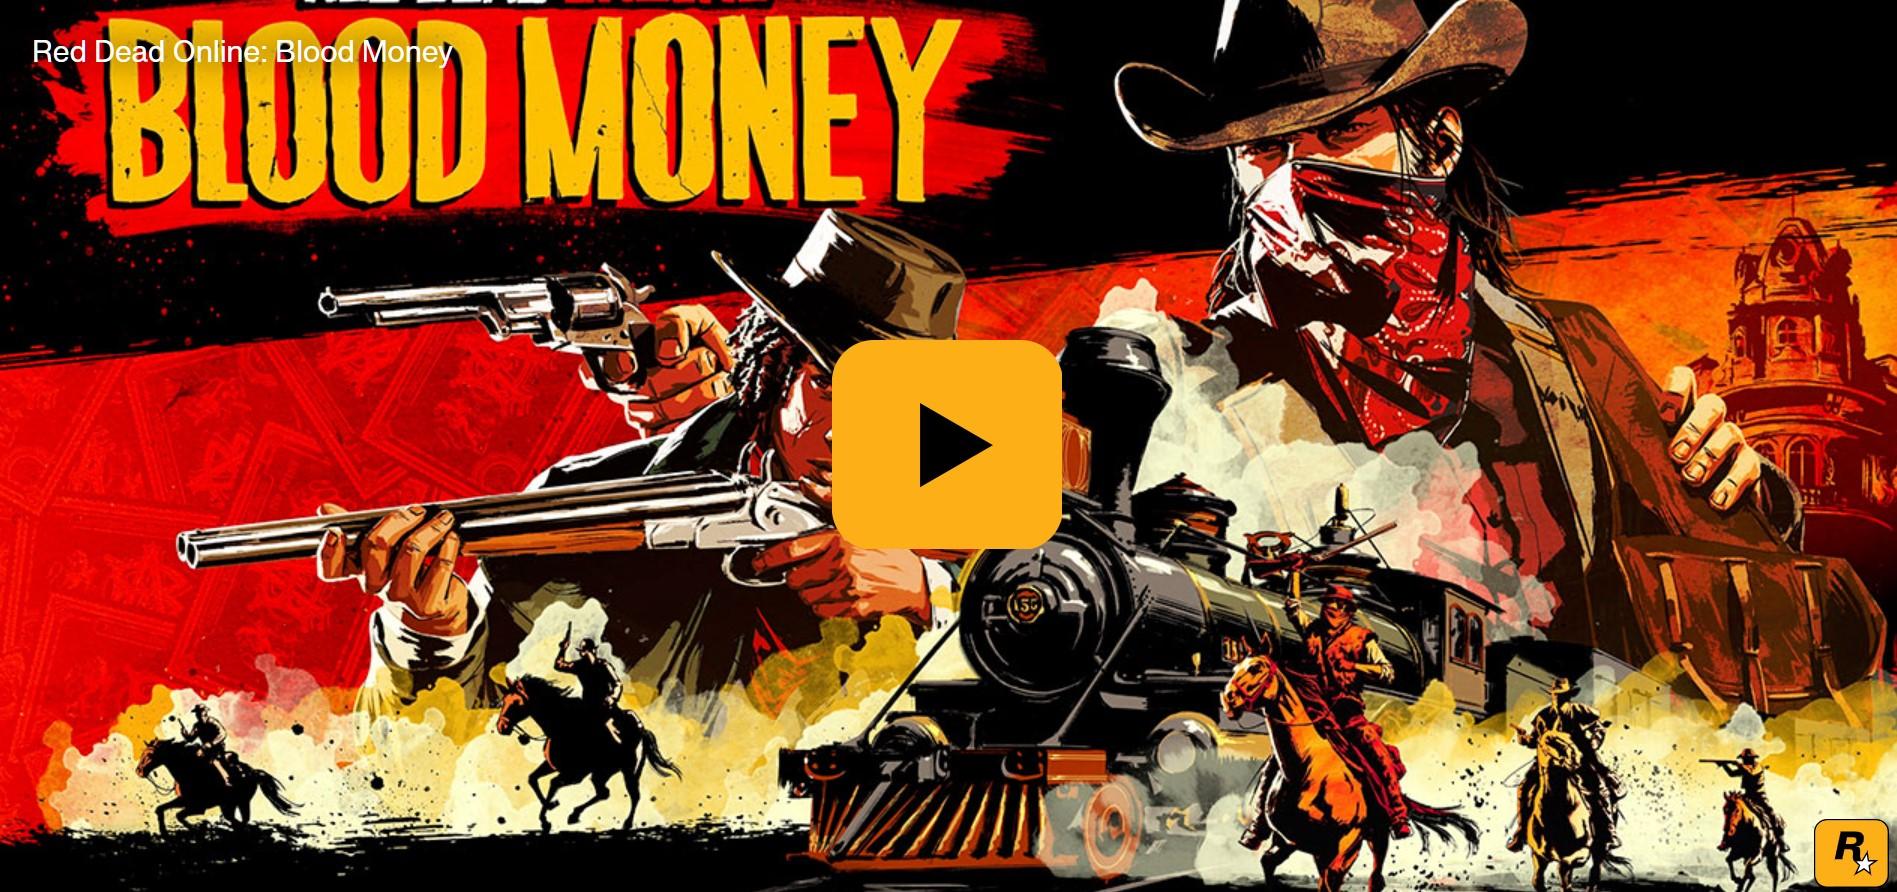 Red Dead Online : Sporcati le mani per arricchirti in una serie di rischiose rapine